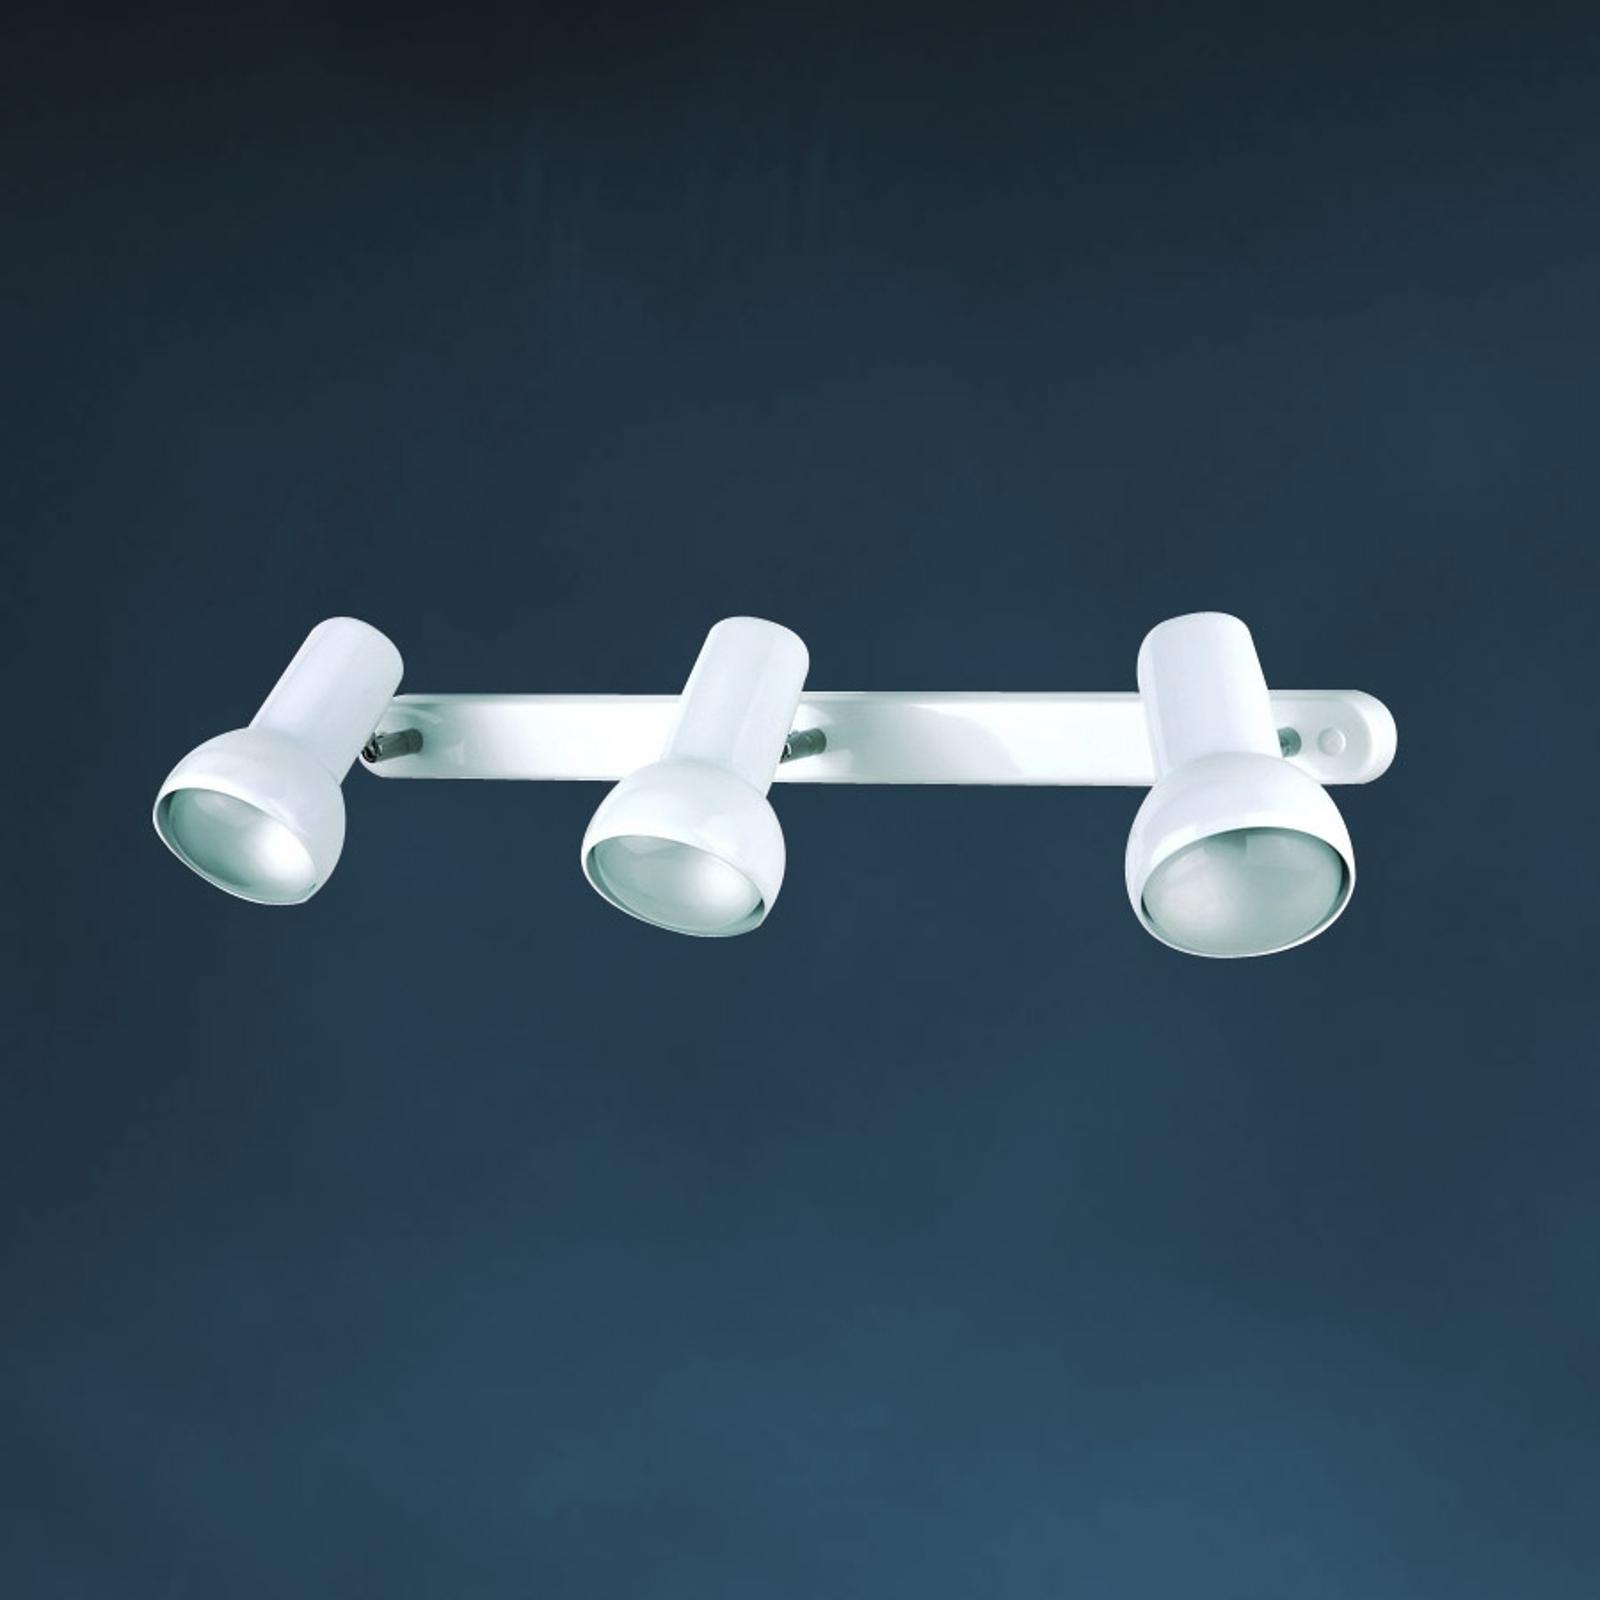 EIFEL væglampe, 3 lyskilder